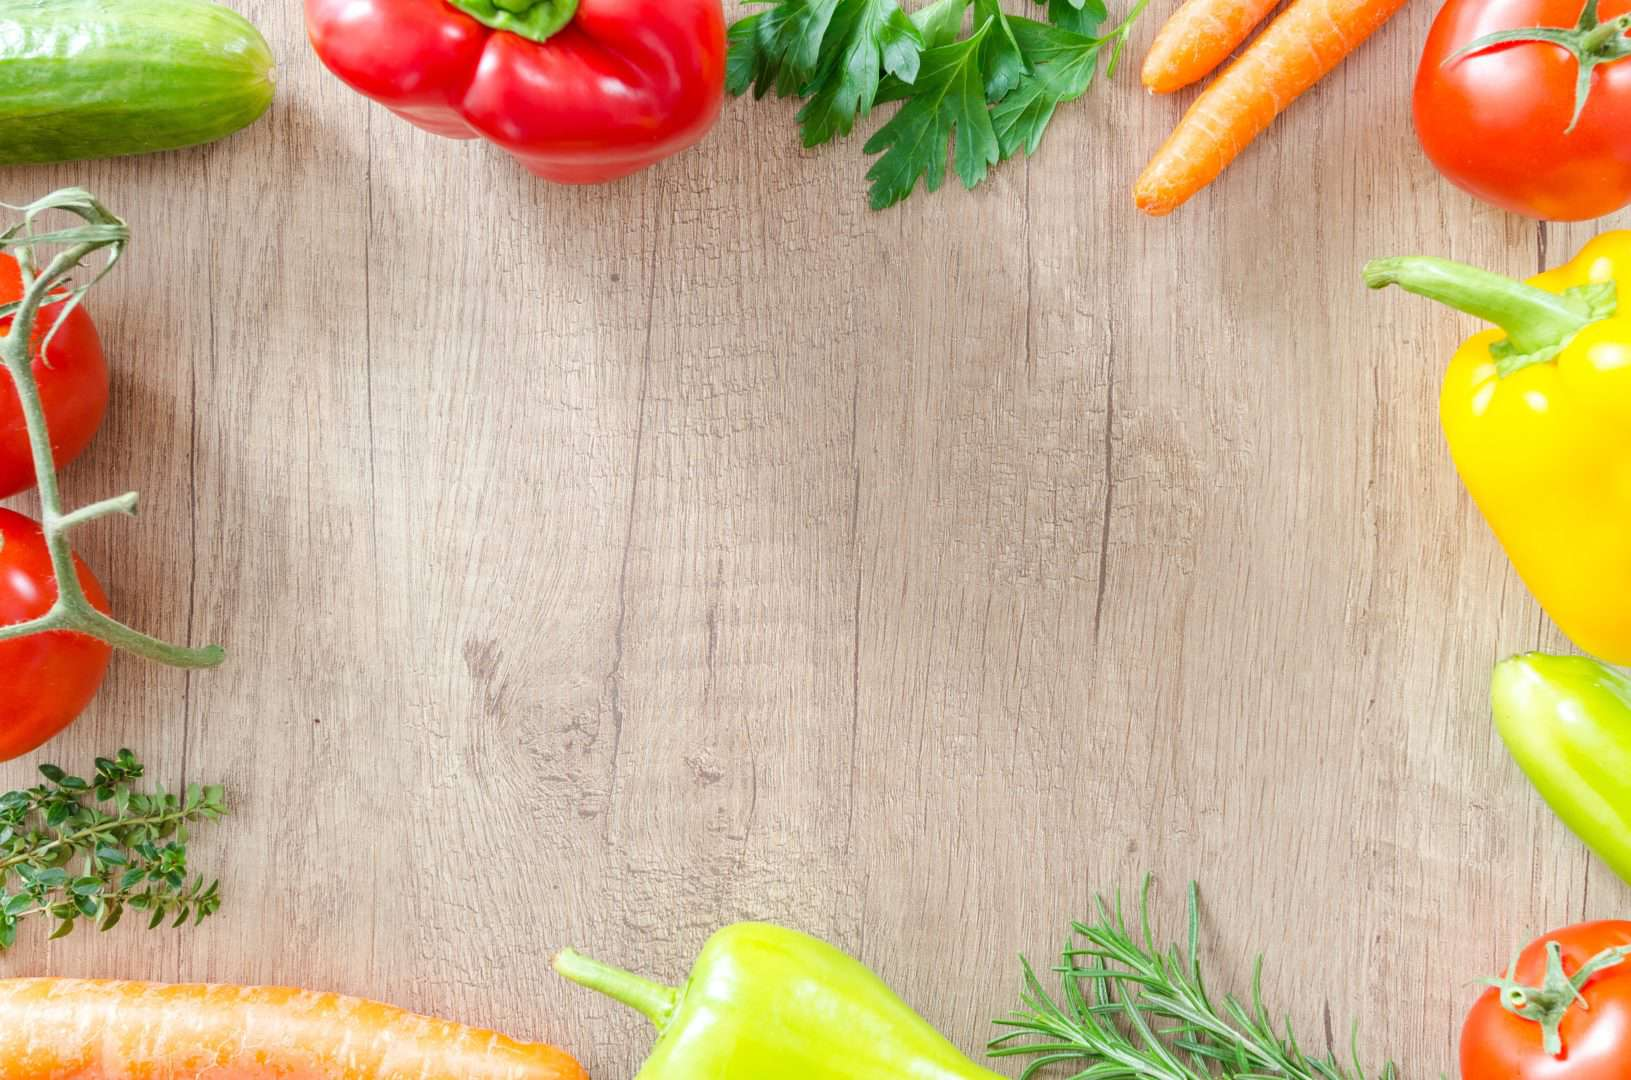 Ernährung & Darm – Gründliches Kauen & gute Verdauung Teil 2